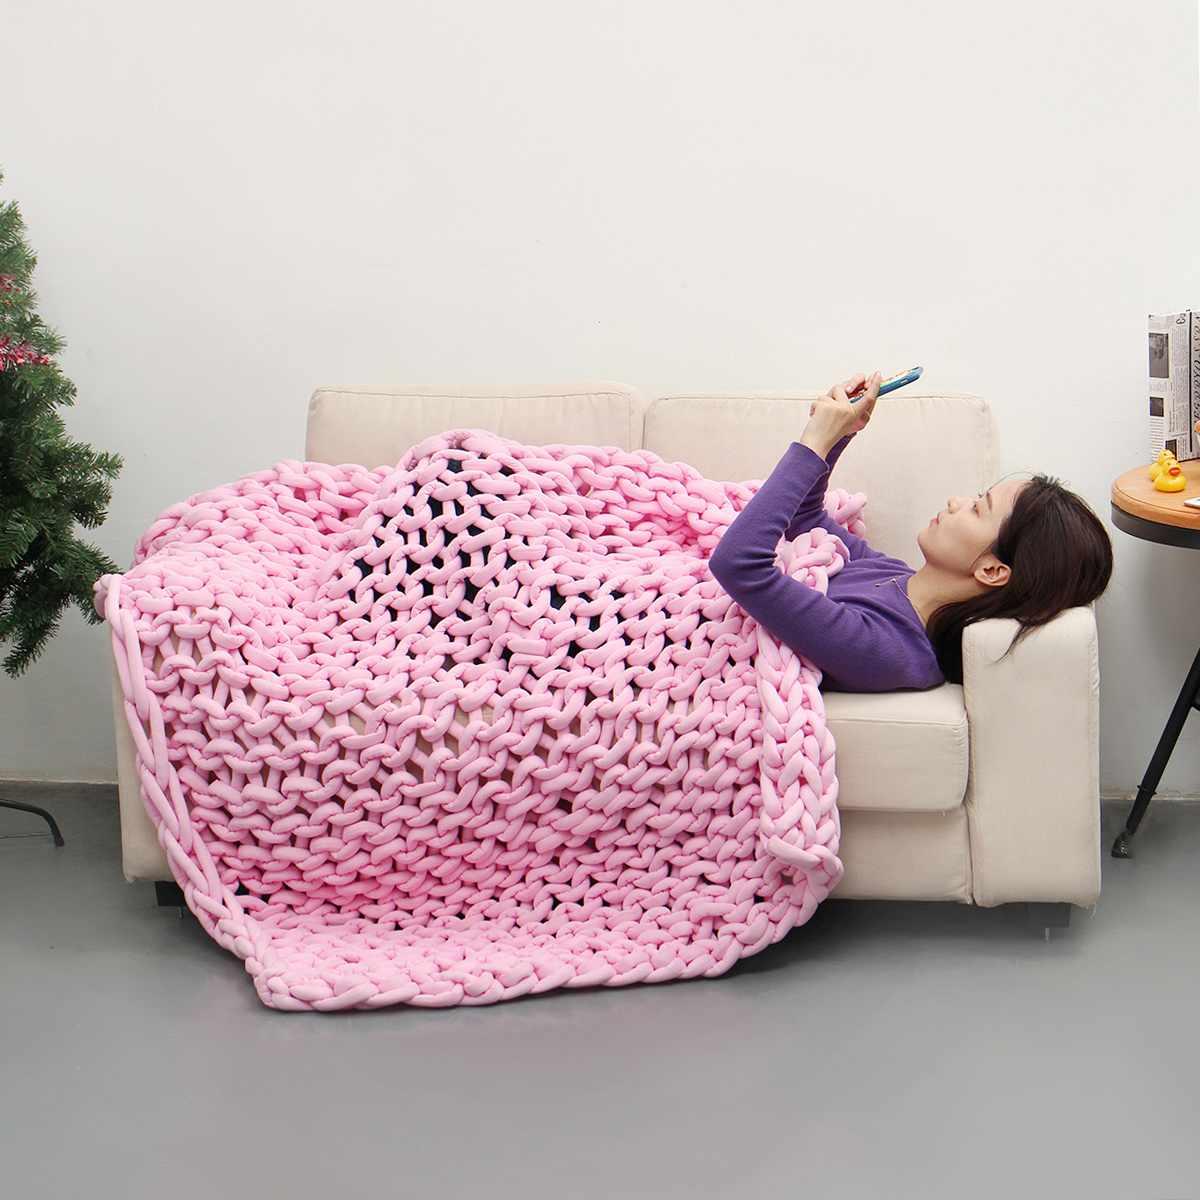 120x150 см вязаное одеяло для дивана ручной работы, мягкое теплое толстое Хлопковое одеяло, зимнее элегантное уютное теплое постельное белье - 5